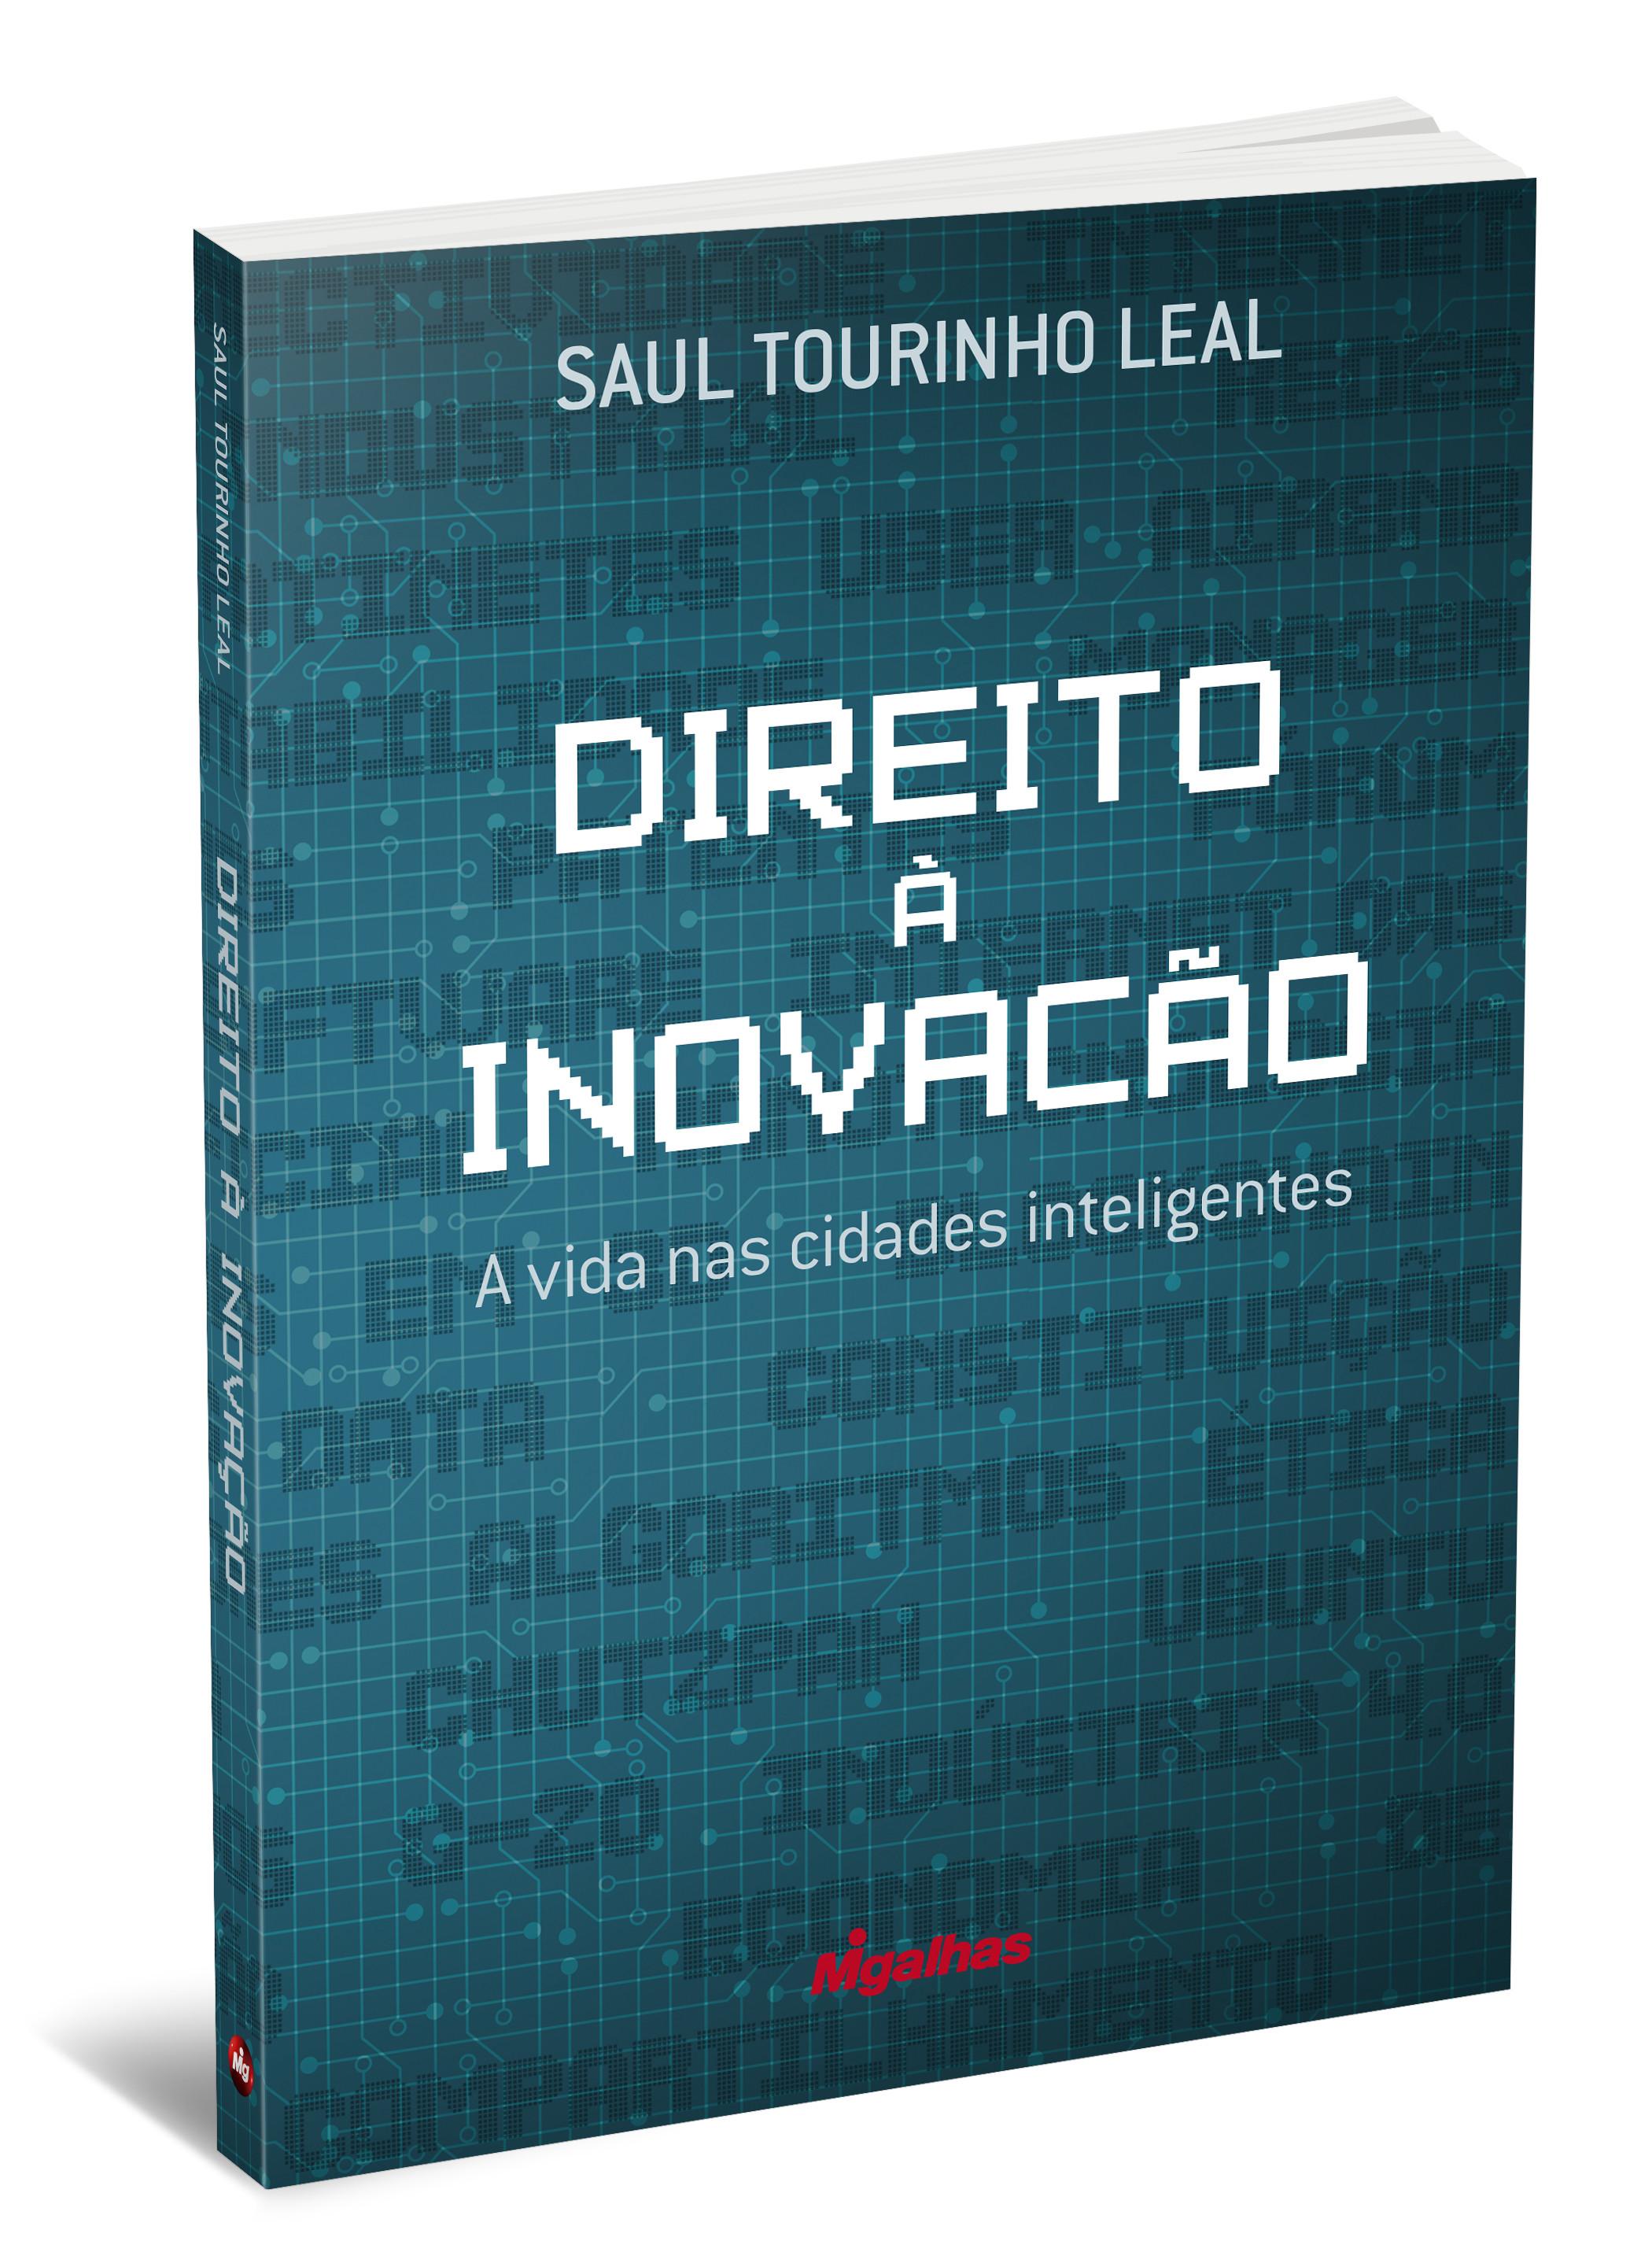 Direito à Inovação: A vida nas cidades inteligentes - Saul Tourinho Leal